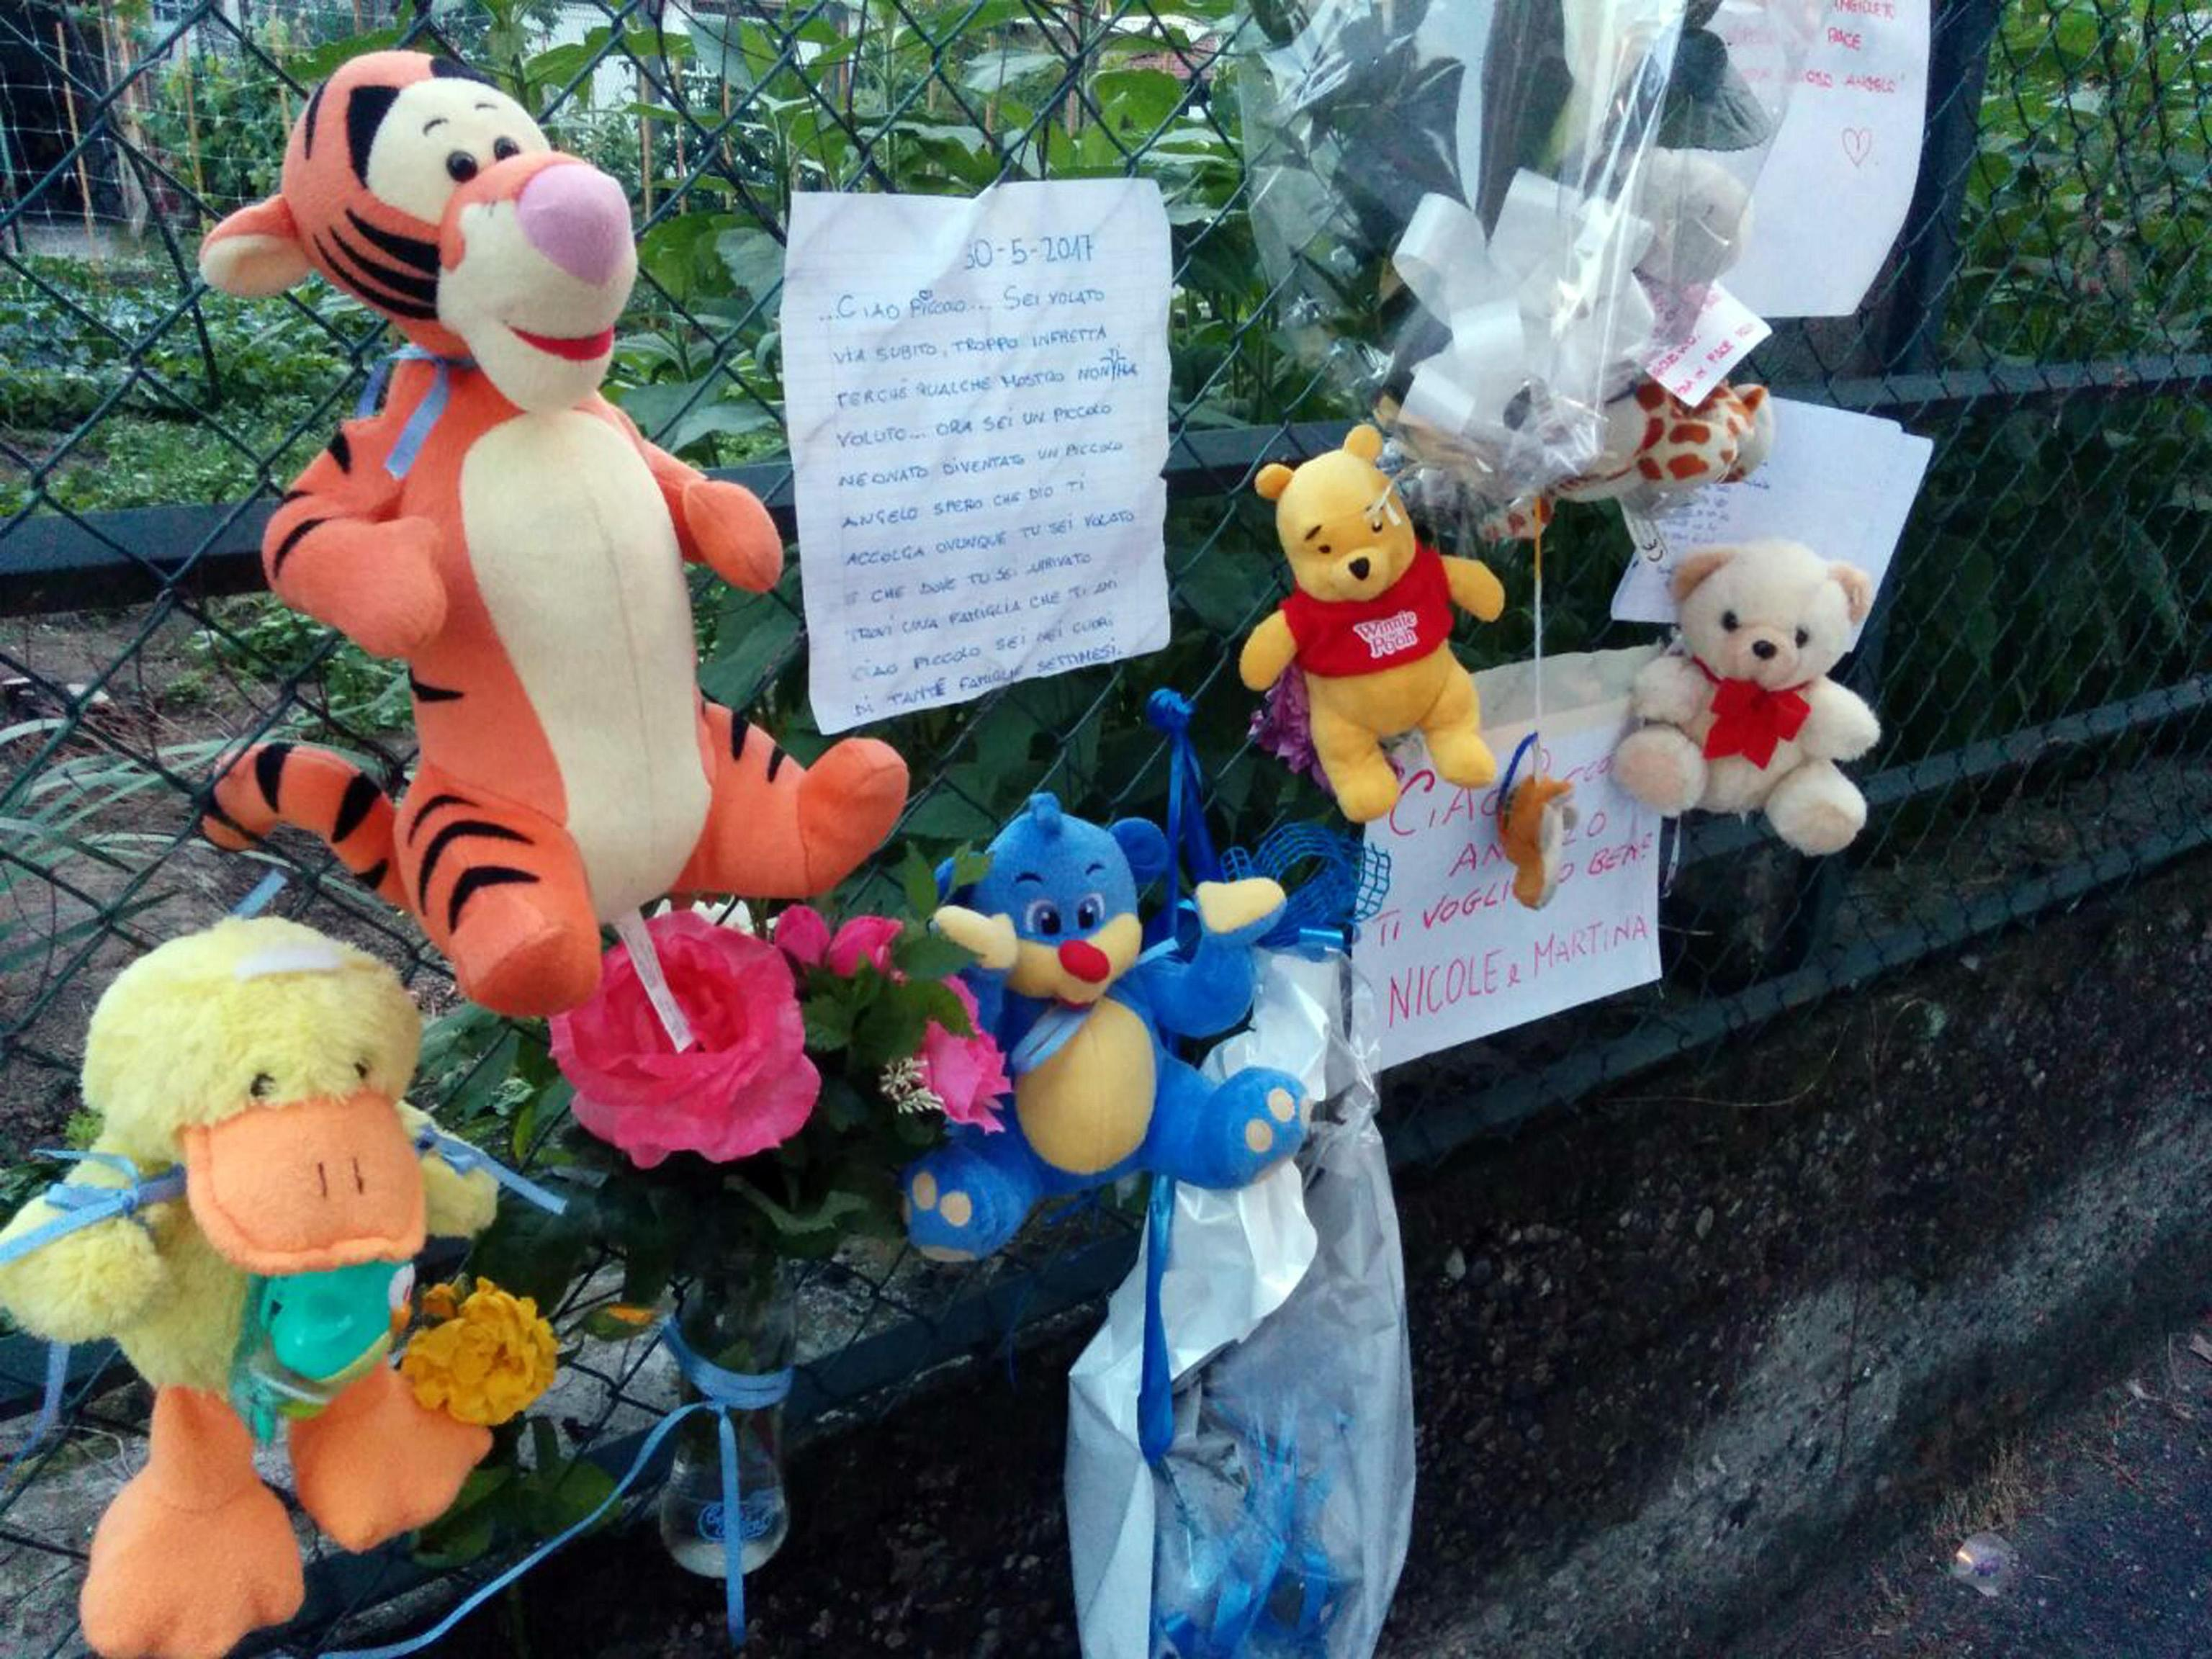 Neonato morto a Torino, confessa la mamma: lanciato dal balcone dopo il parto in casa